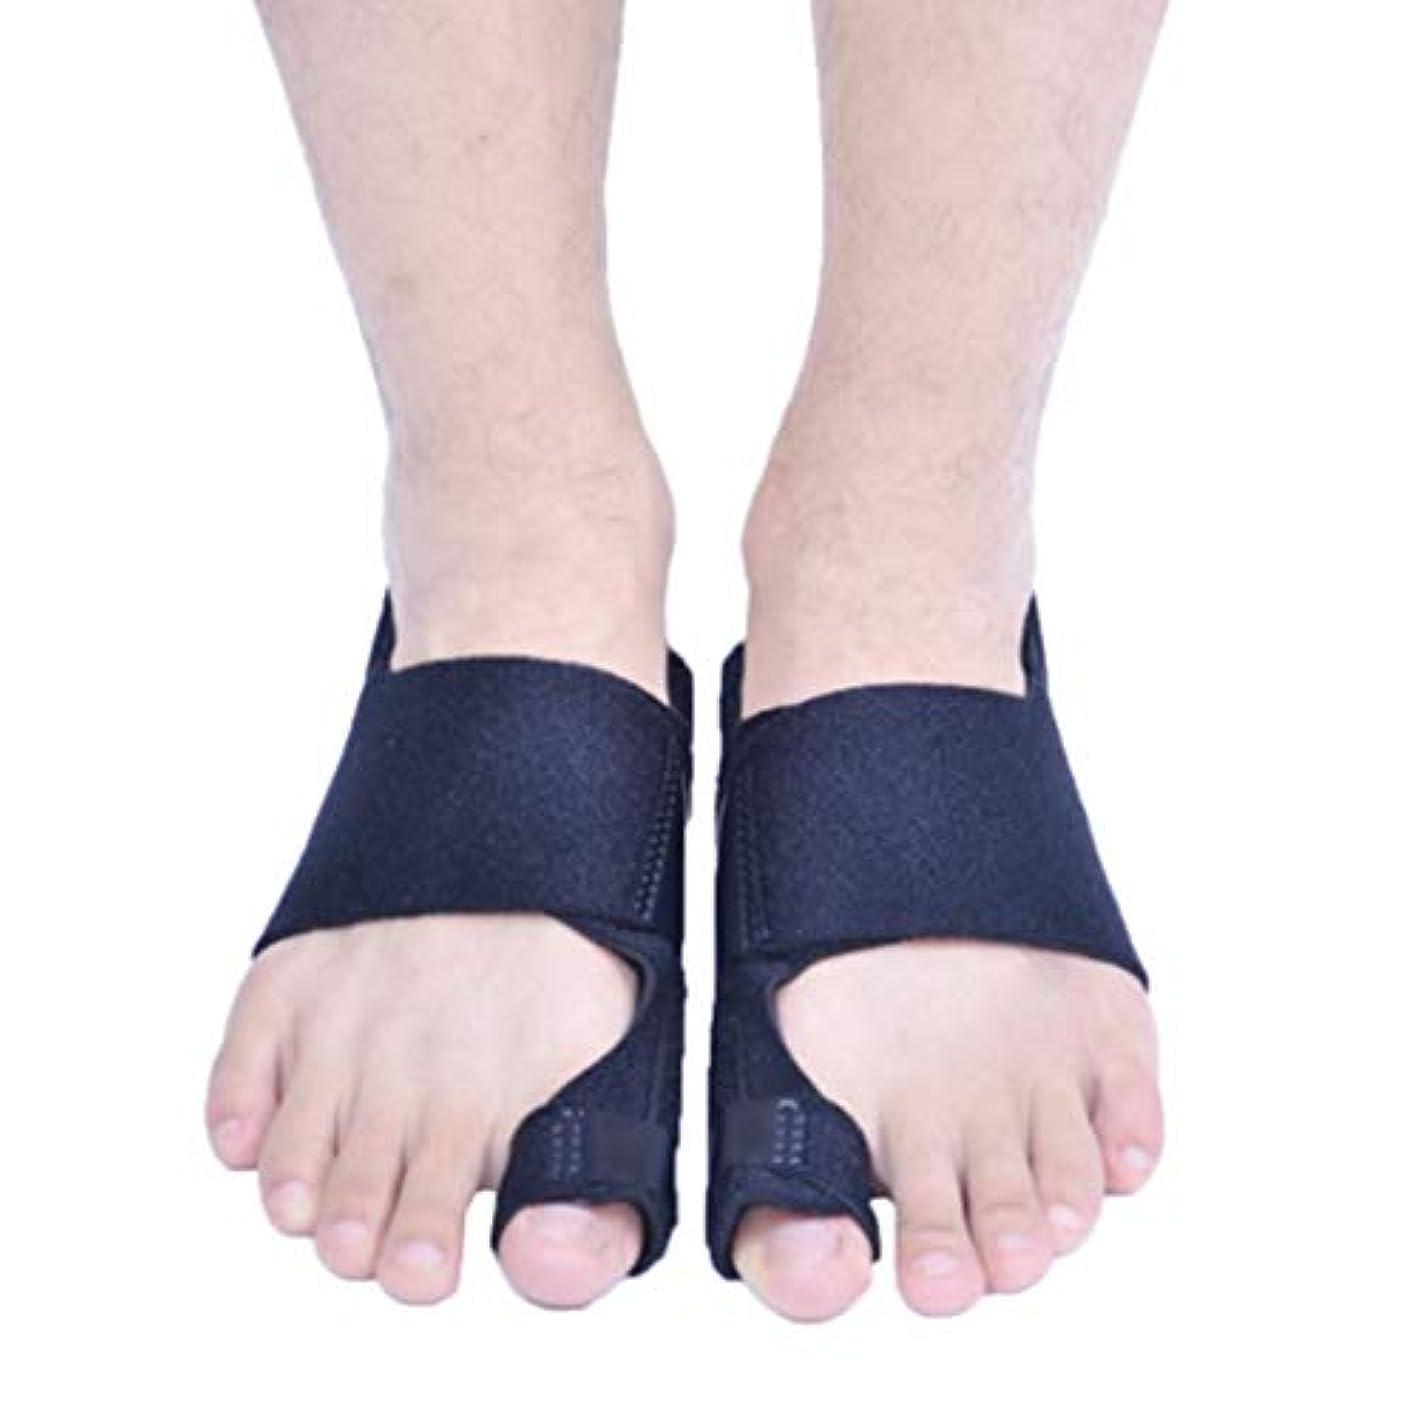 未満買い物に行く発音する痛み外反母趾ブレース、親指の外反ブレース外反母趾ブレースbunions補正がなだめるサイズです